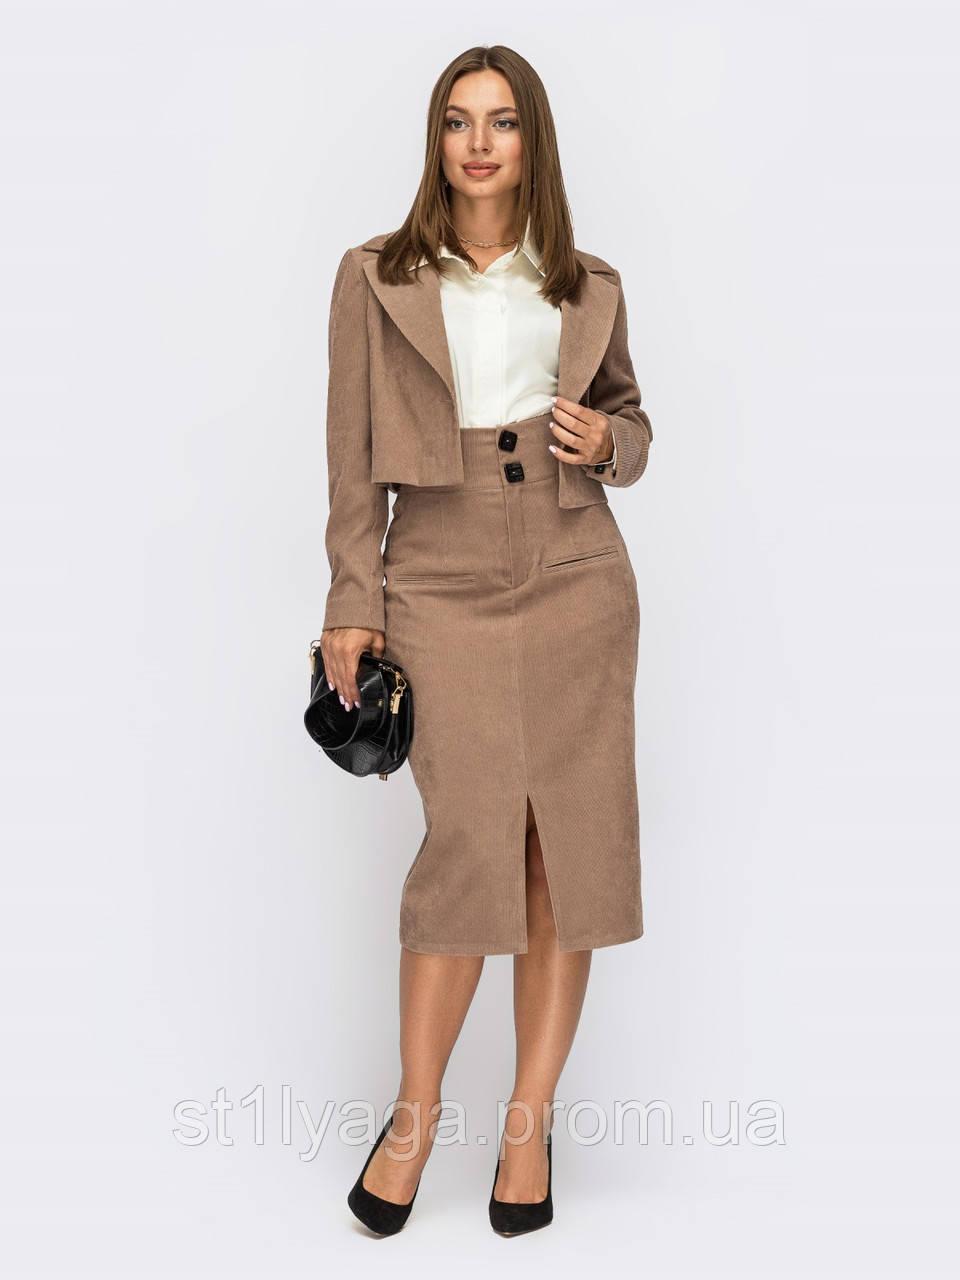 Стильный костюм укороченный пиджак + юбка карандаш бежевый